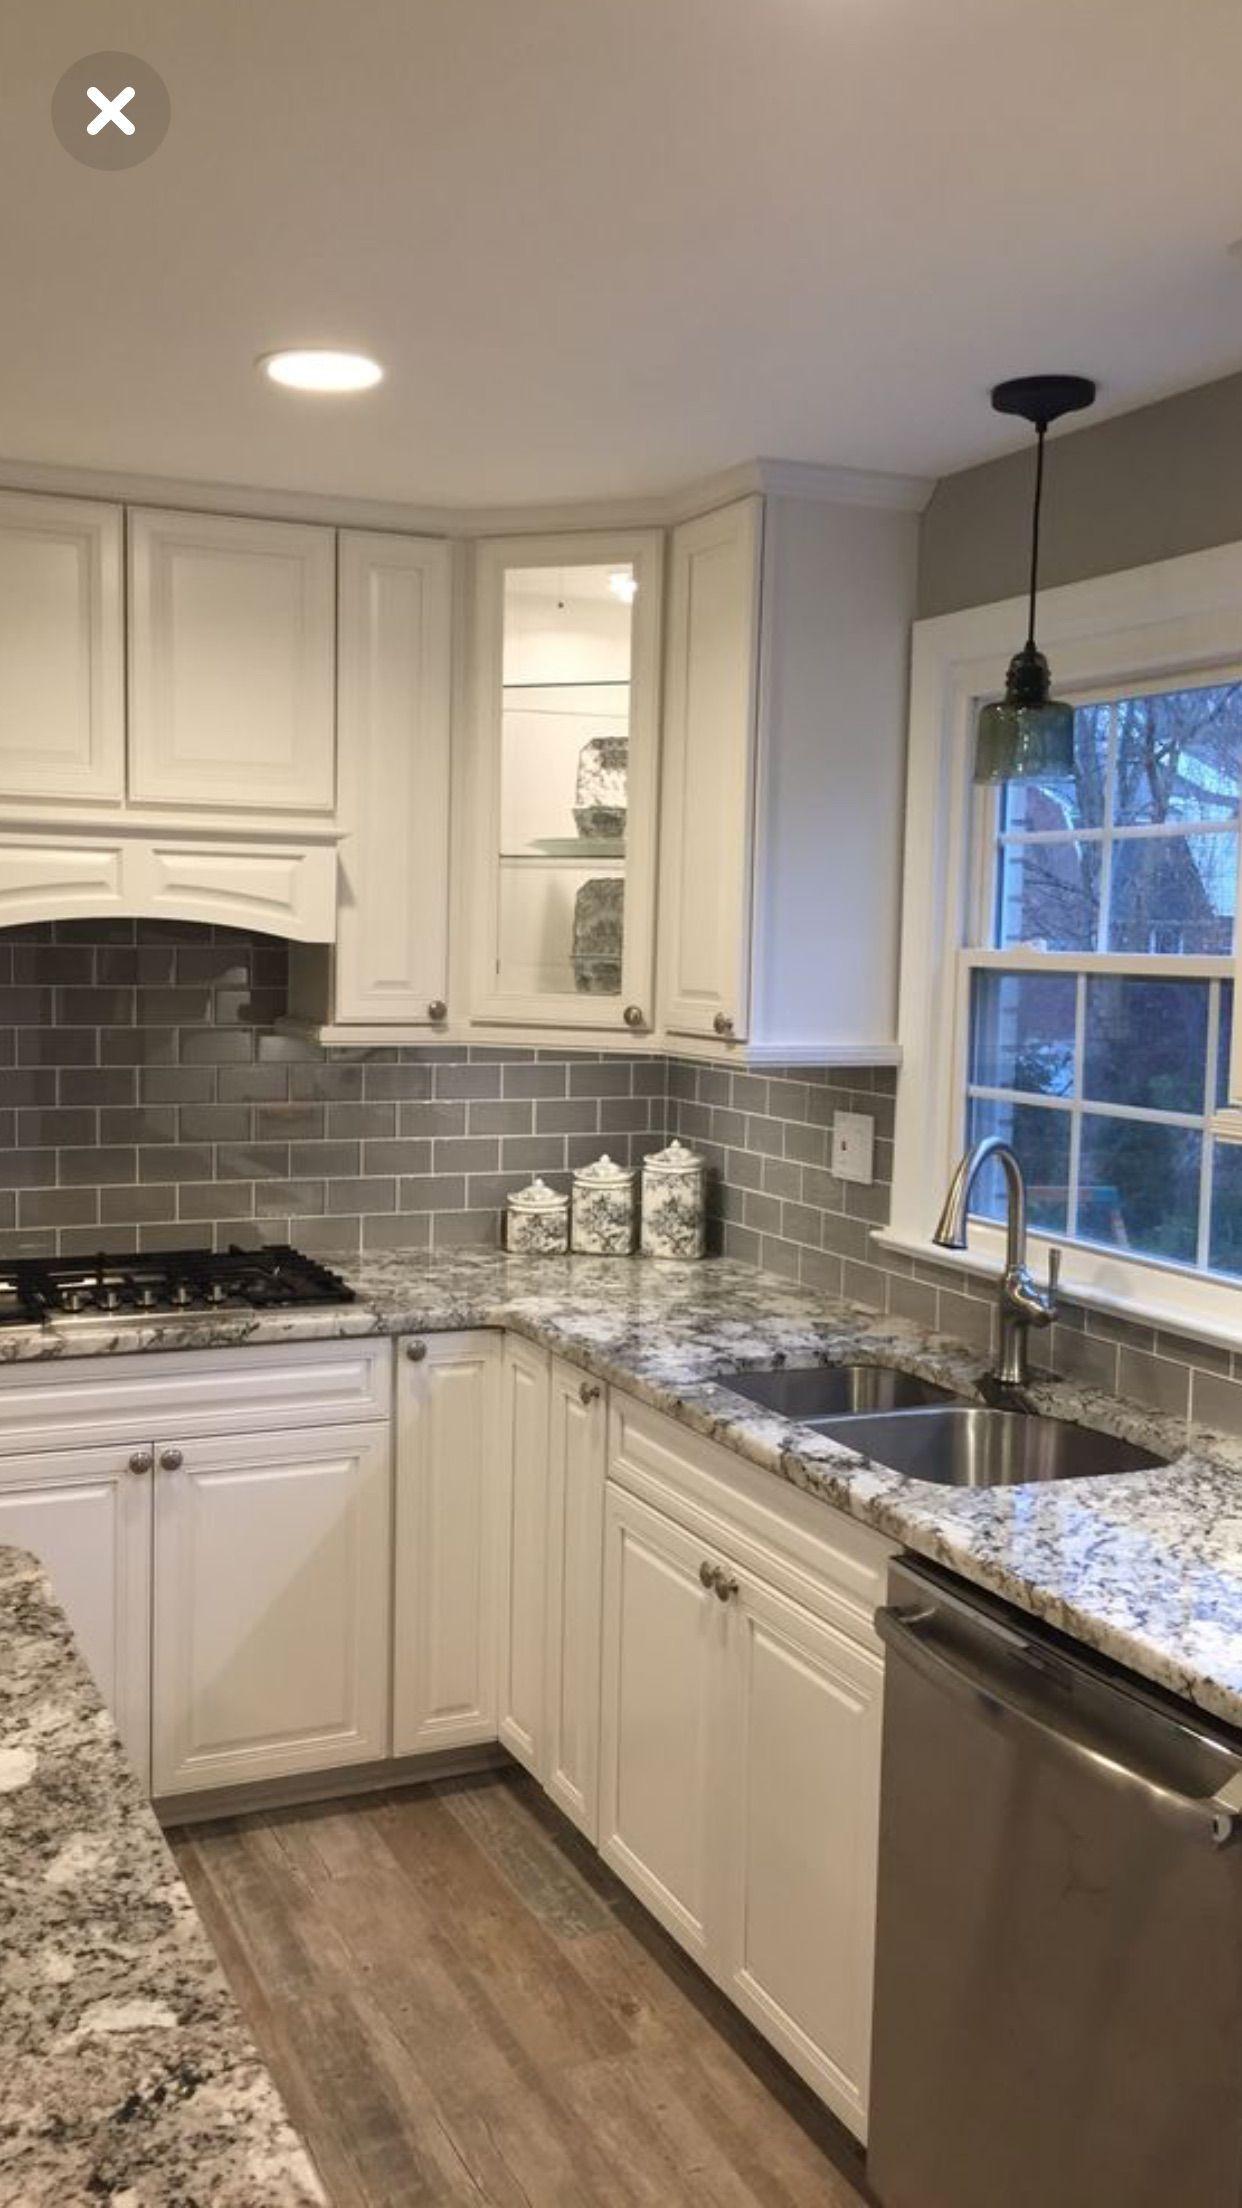 Vent Lit Cabinet Grey Tile And Paint Love It All Cocinas De Casa Cocinas Cocinas Pequenas